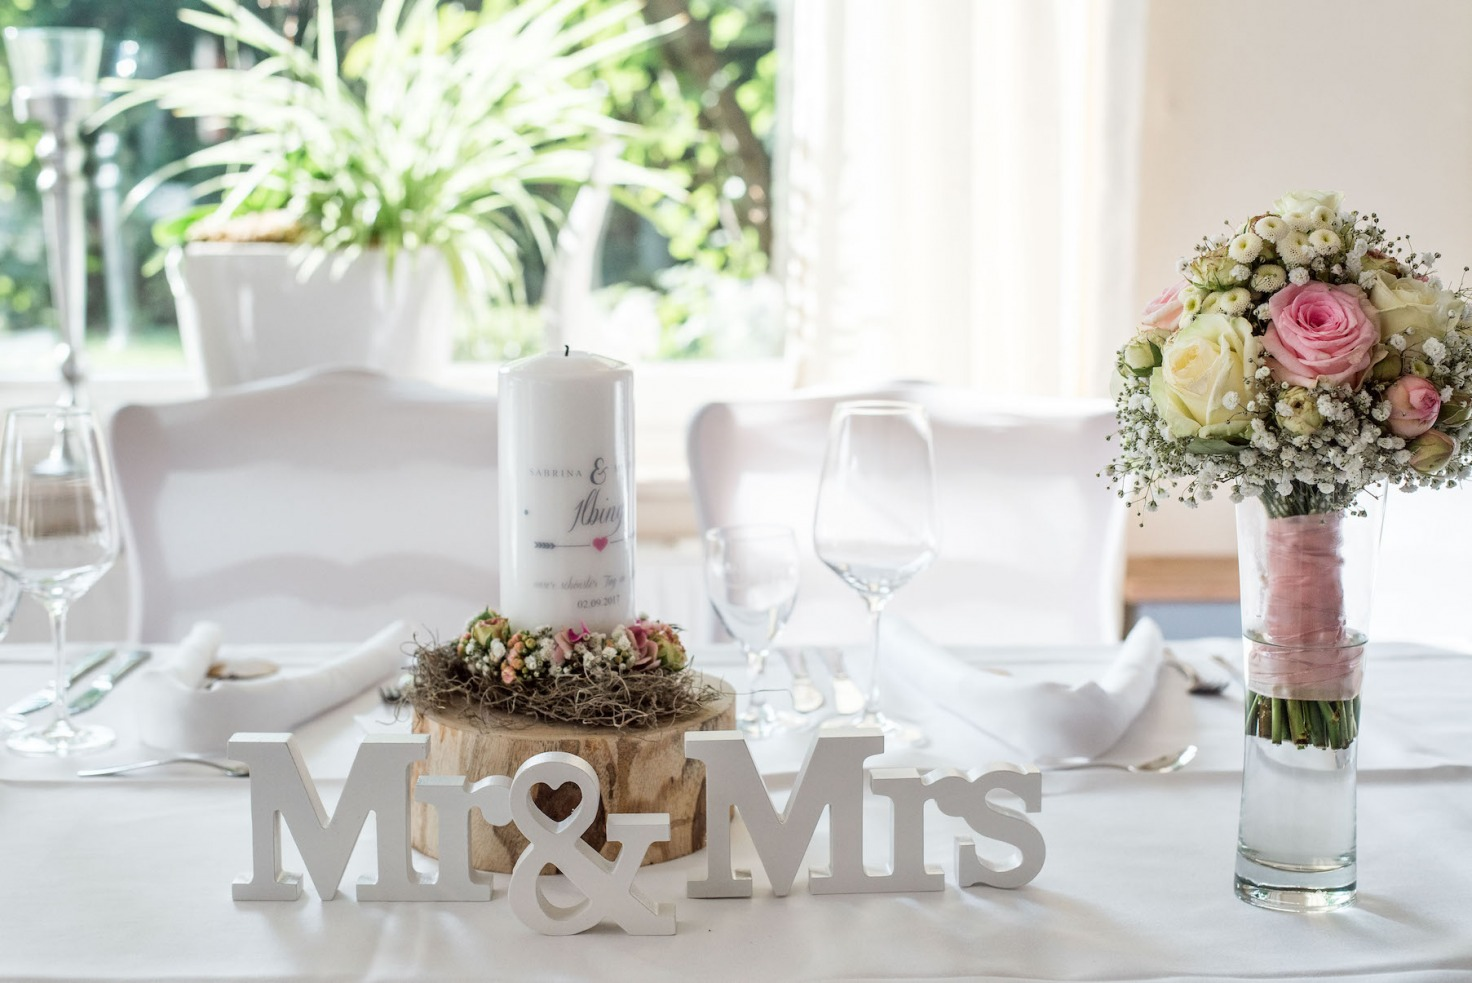 Hochzeit von Sabrina und Michael in Münster: Hochzeitsdekoration auf dem Tisch